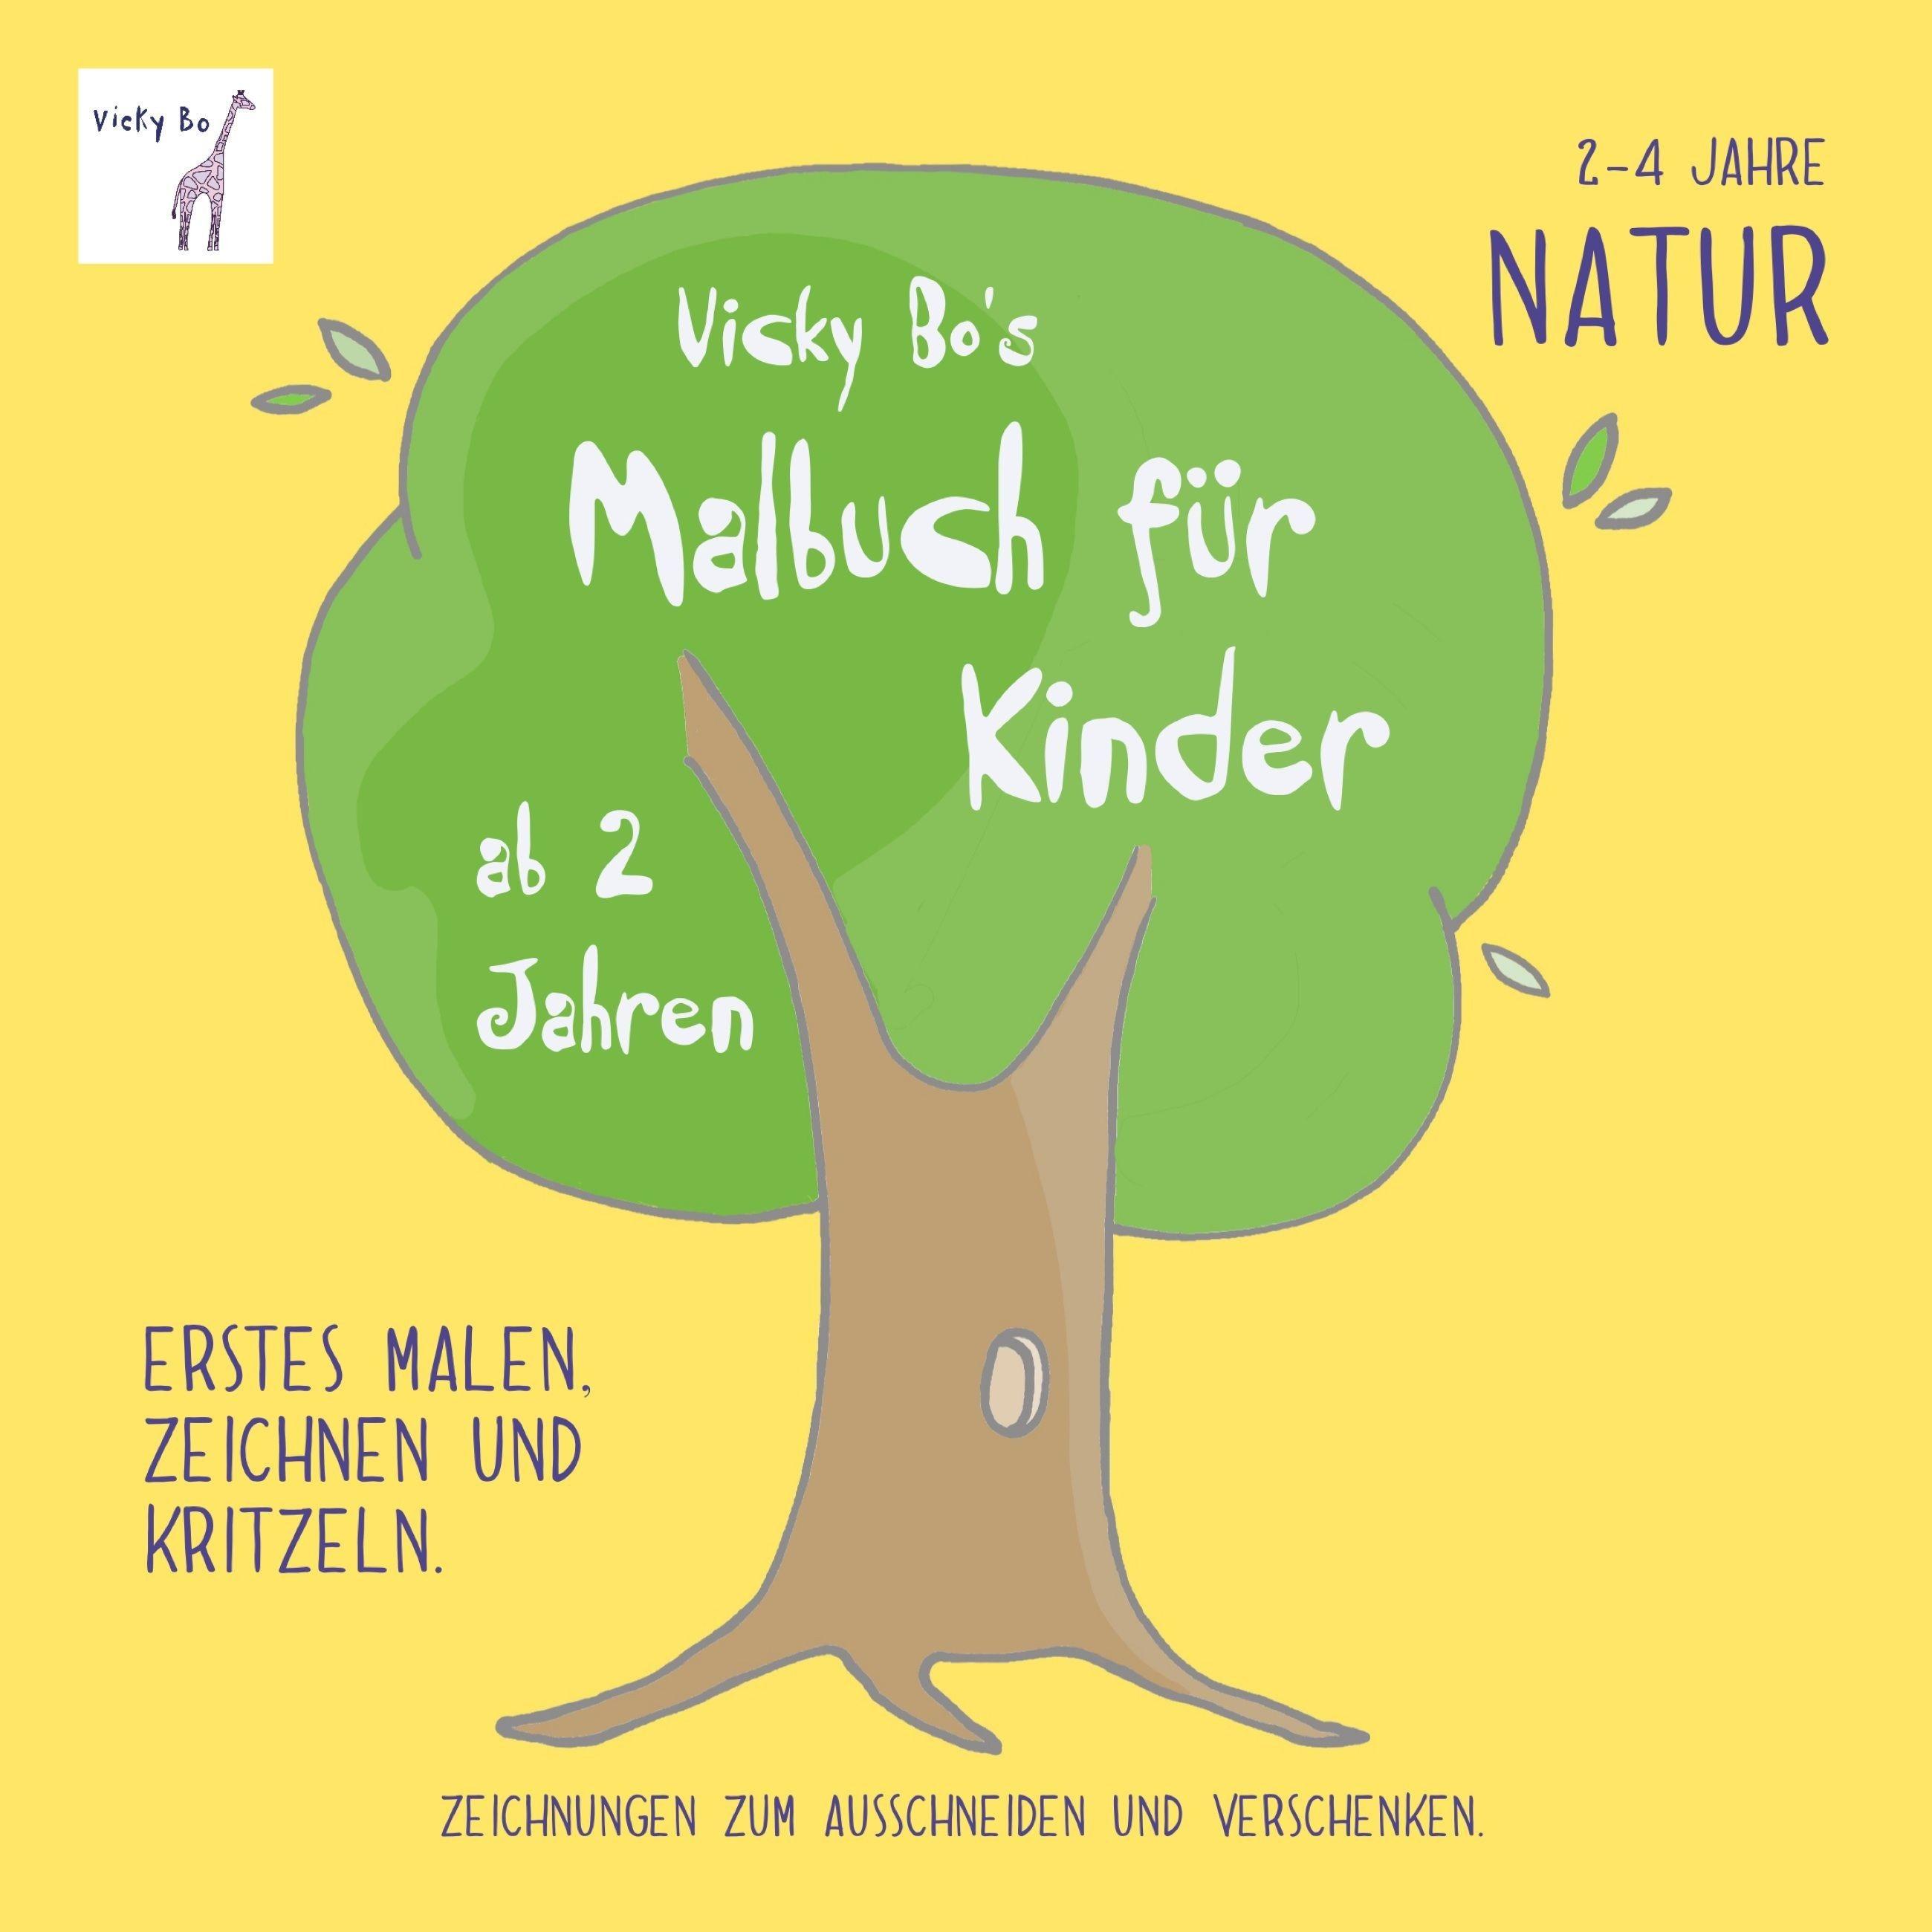 Malbuch Für 2 Jährige Drucken Book club books Books to